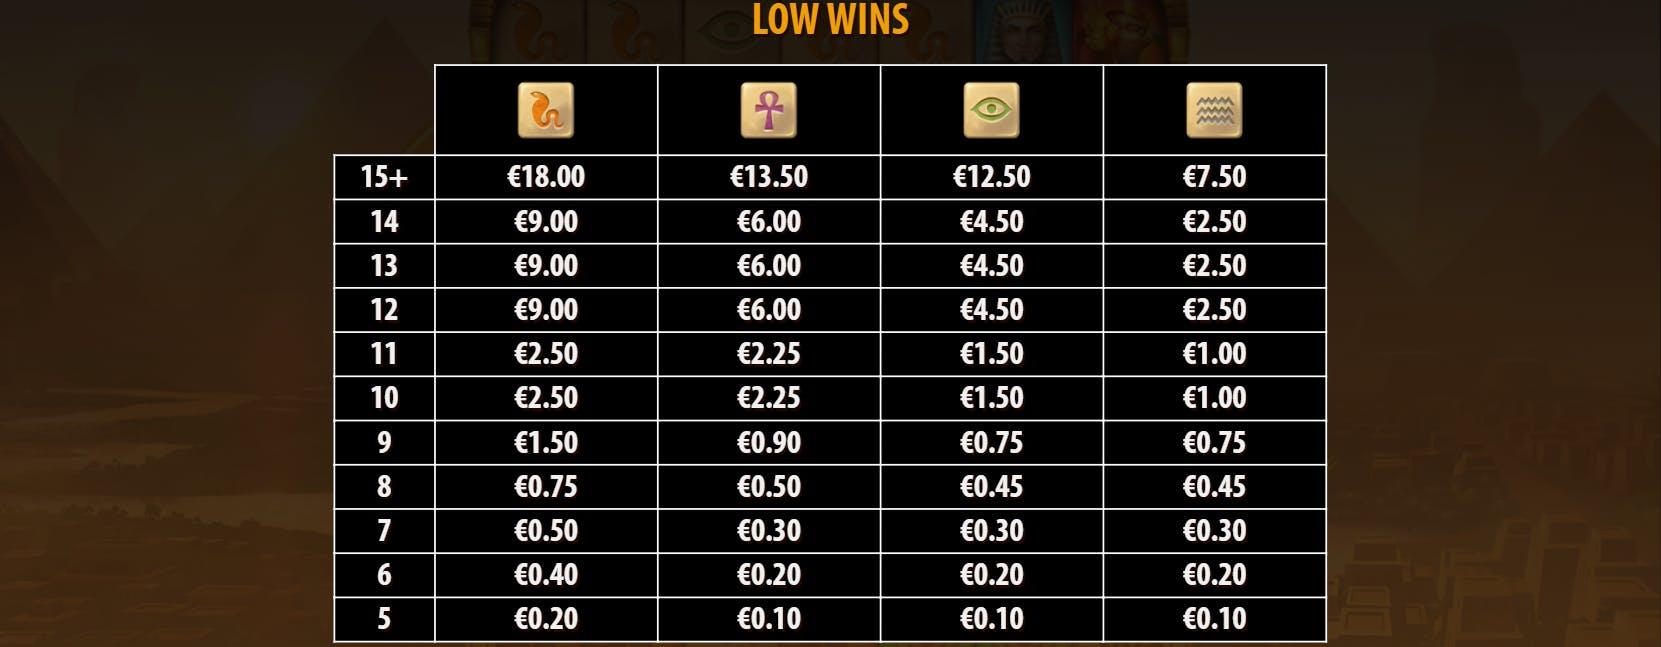 low wins golden glyph